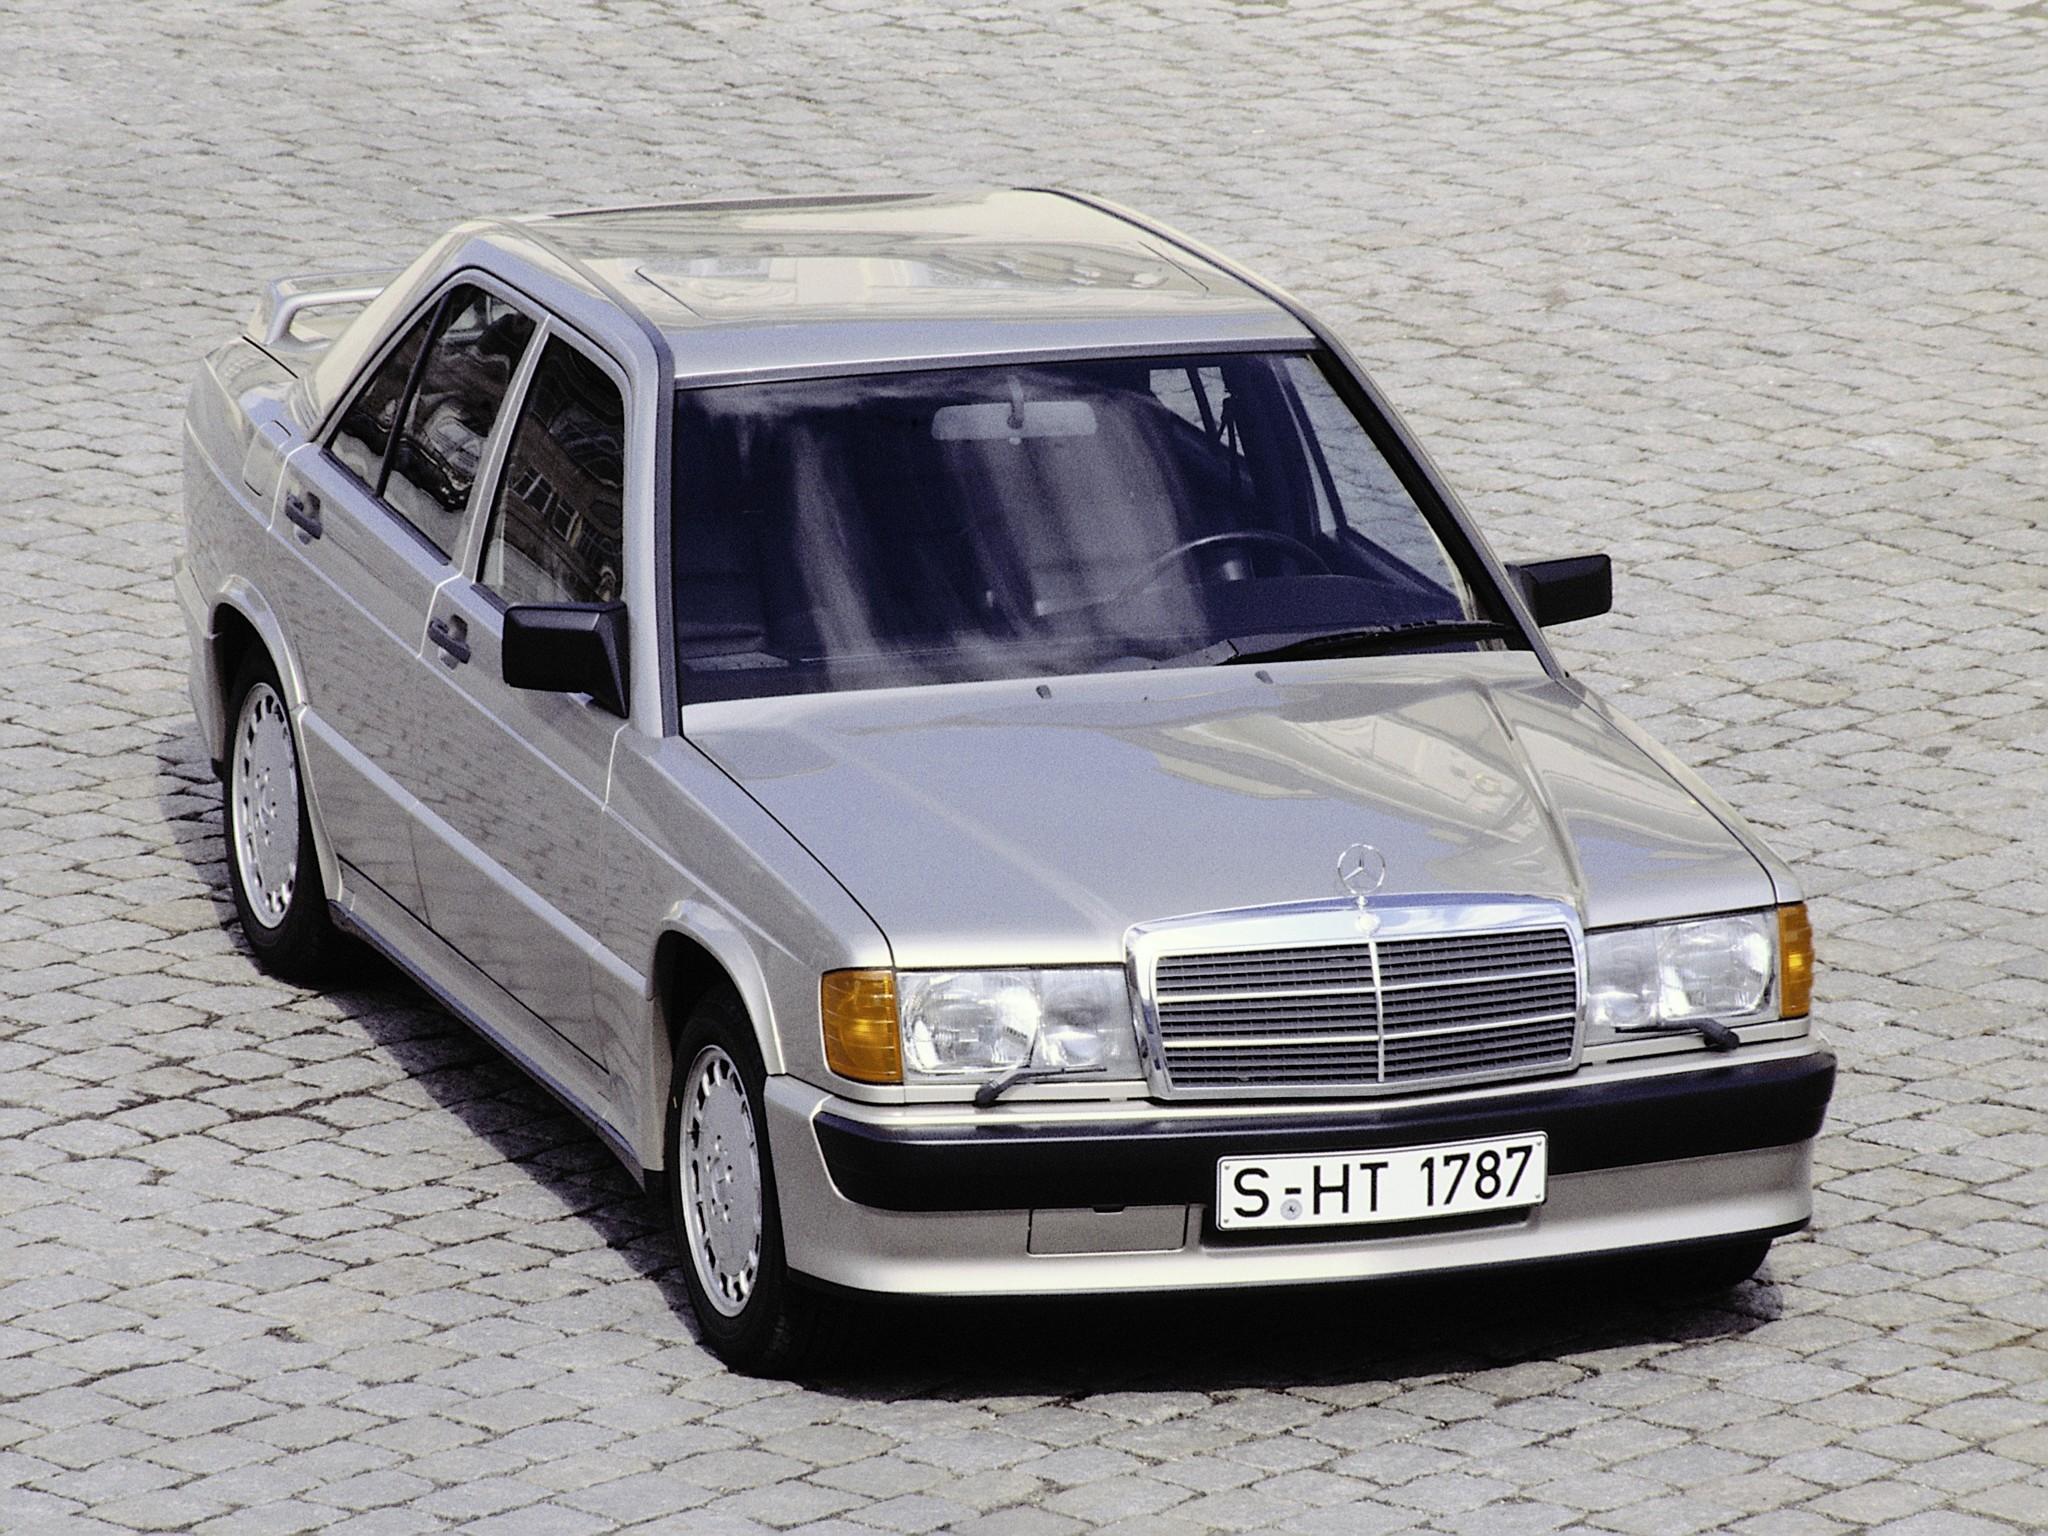 Mercedes Benz 190 E 2 3 16v Specs Photos 1984 1985 1986 1987 1988 Autoevolution